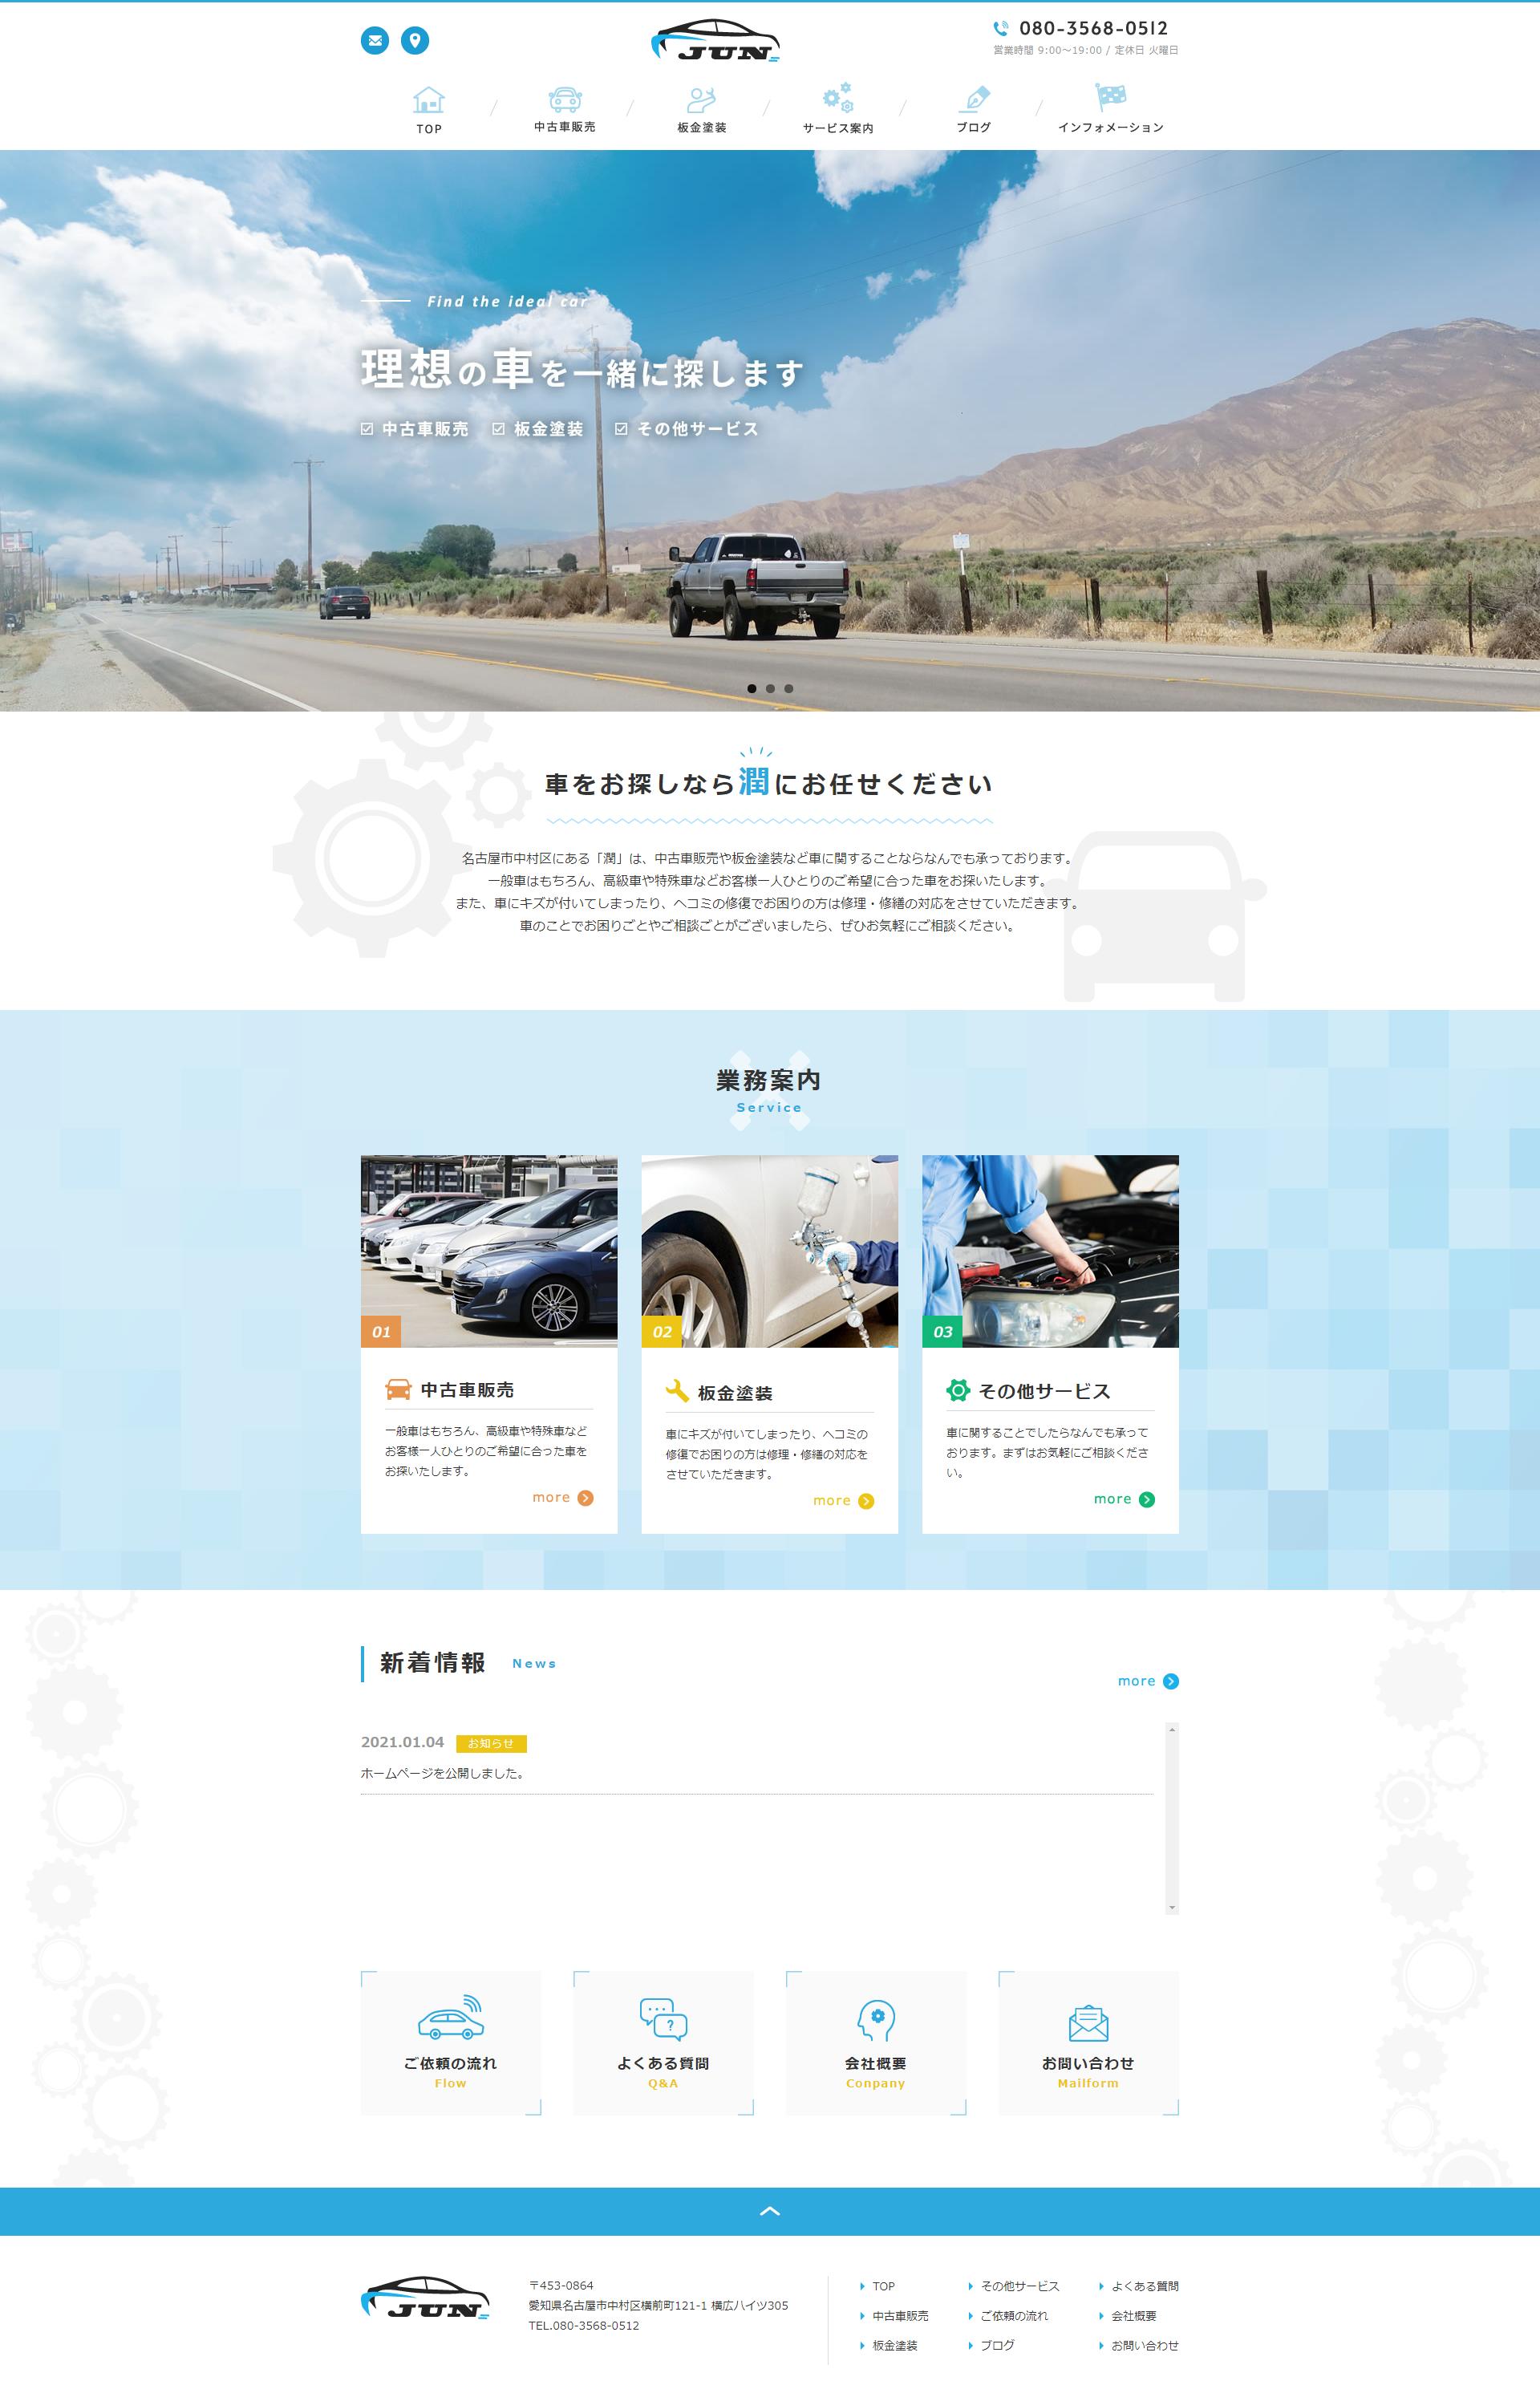 自動車関連 おしゃれまとめの人気アイデア Pinterest まや 長友 2021 修繕 修復 名古屋市